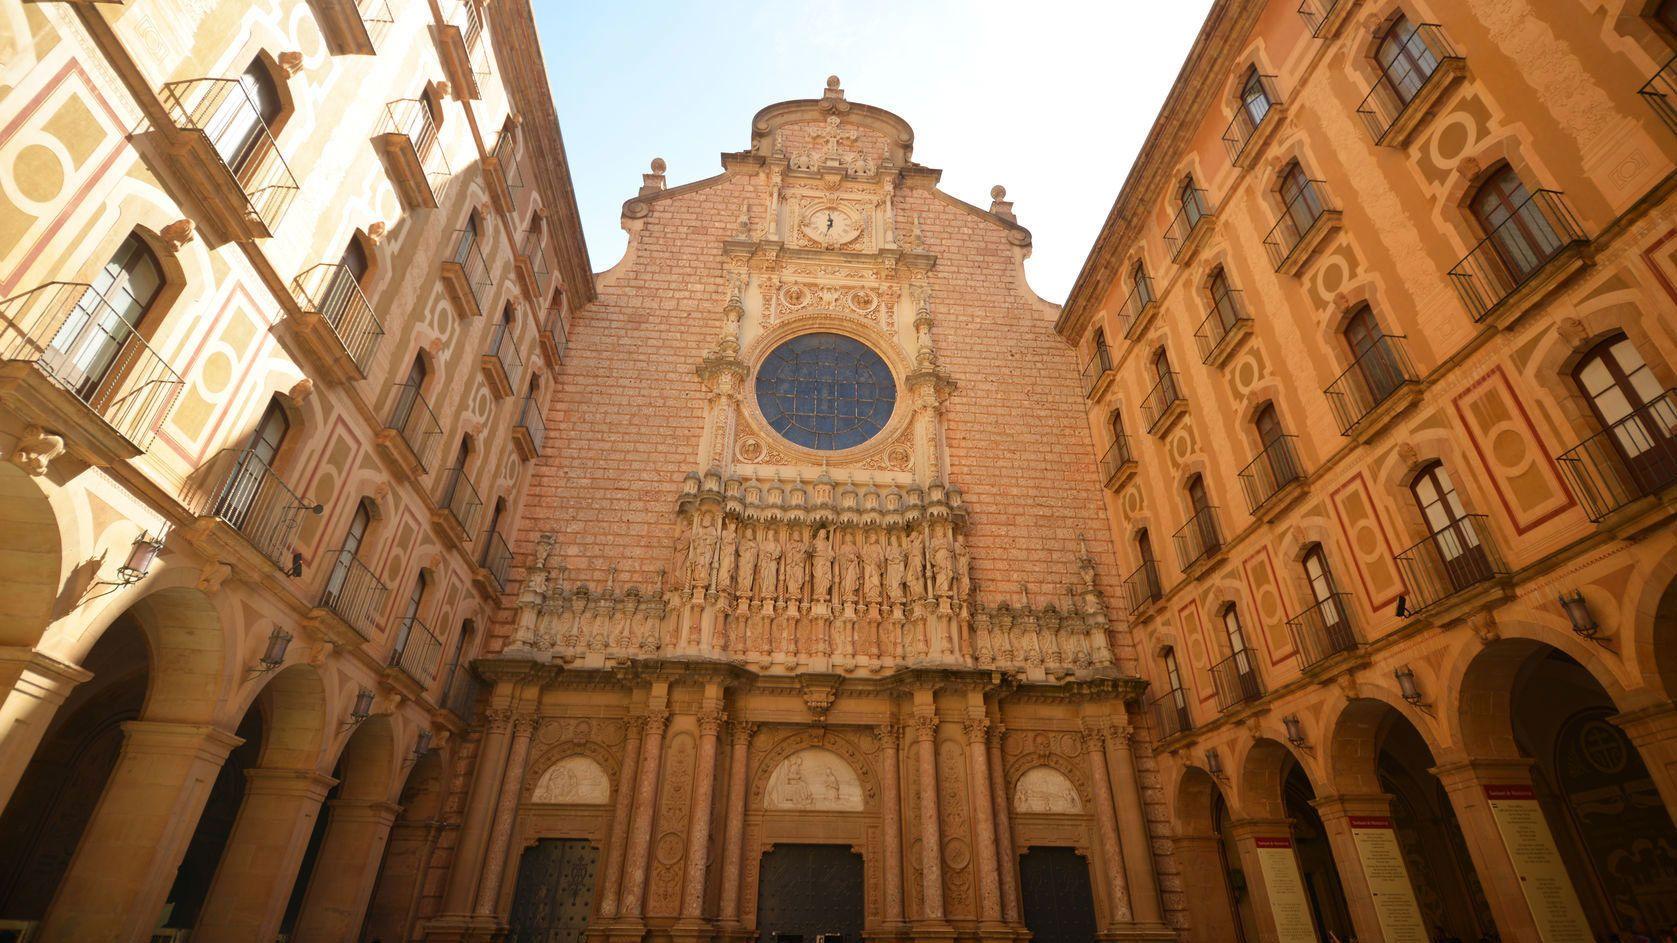 Facade of Montserrat cathedral